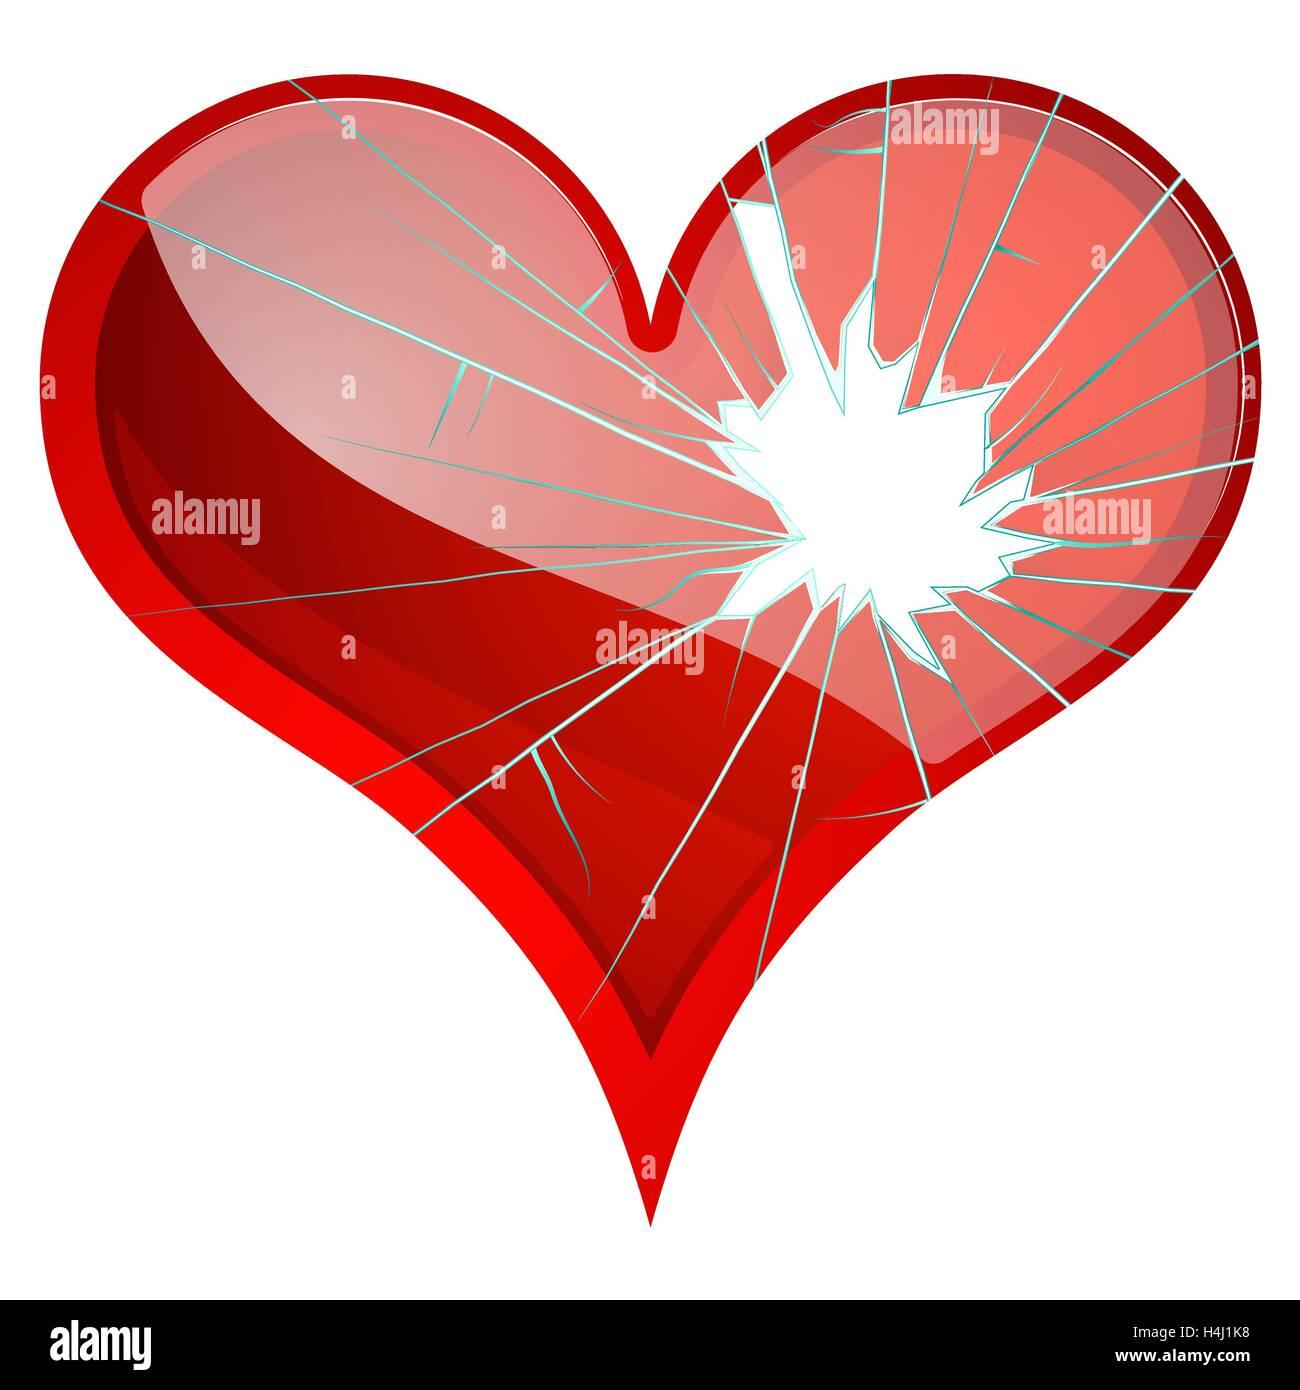 Corazones Rotos. Disgusto, tristeza, destrozado, ruptura, ruptura de temas  Imagen Vector de stock - Alamy